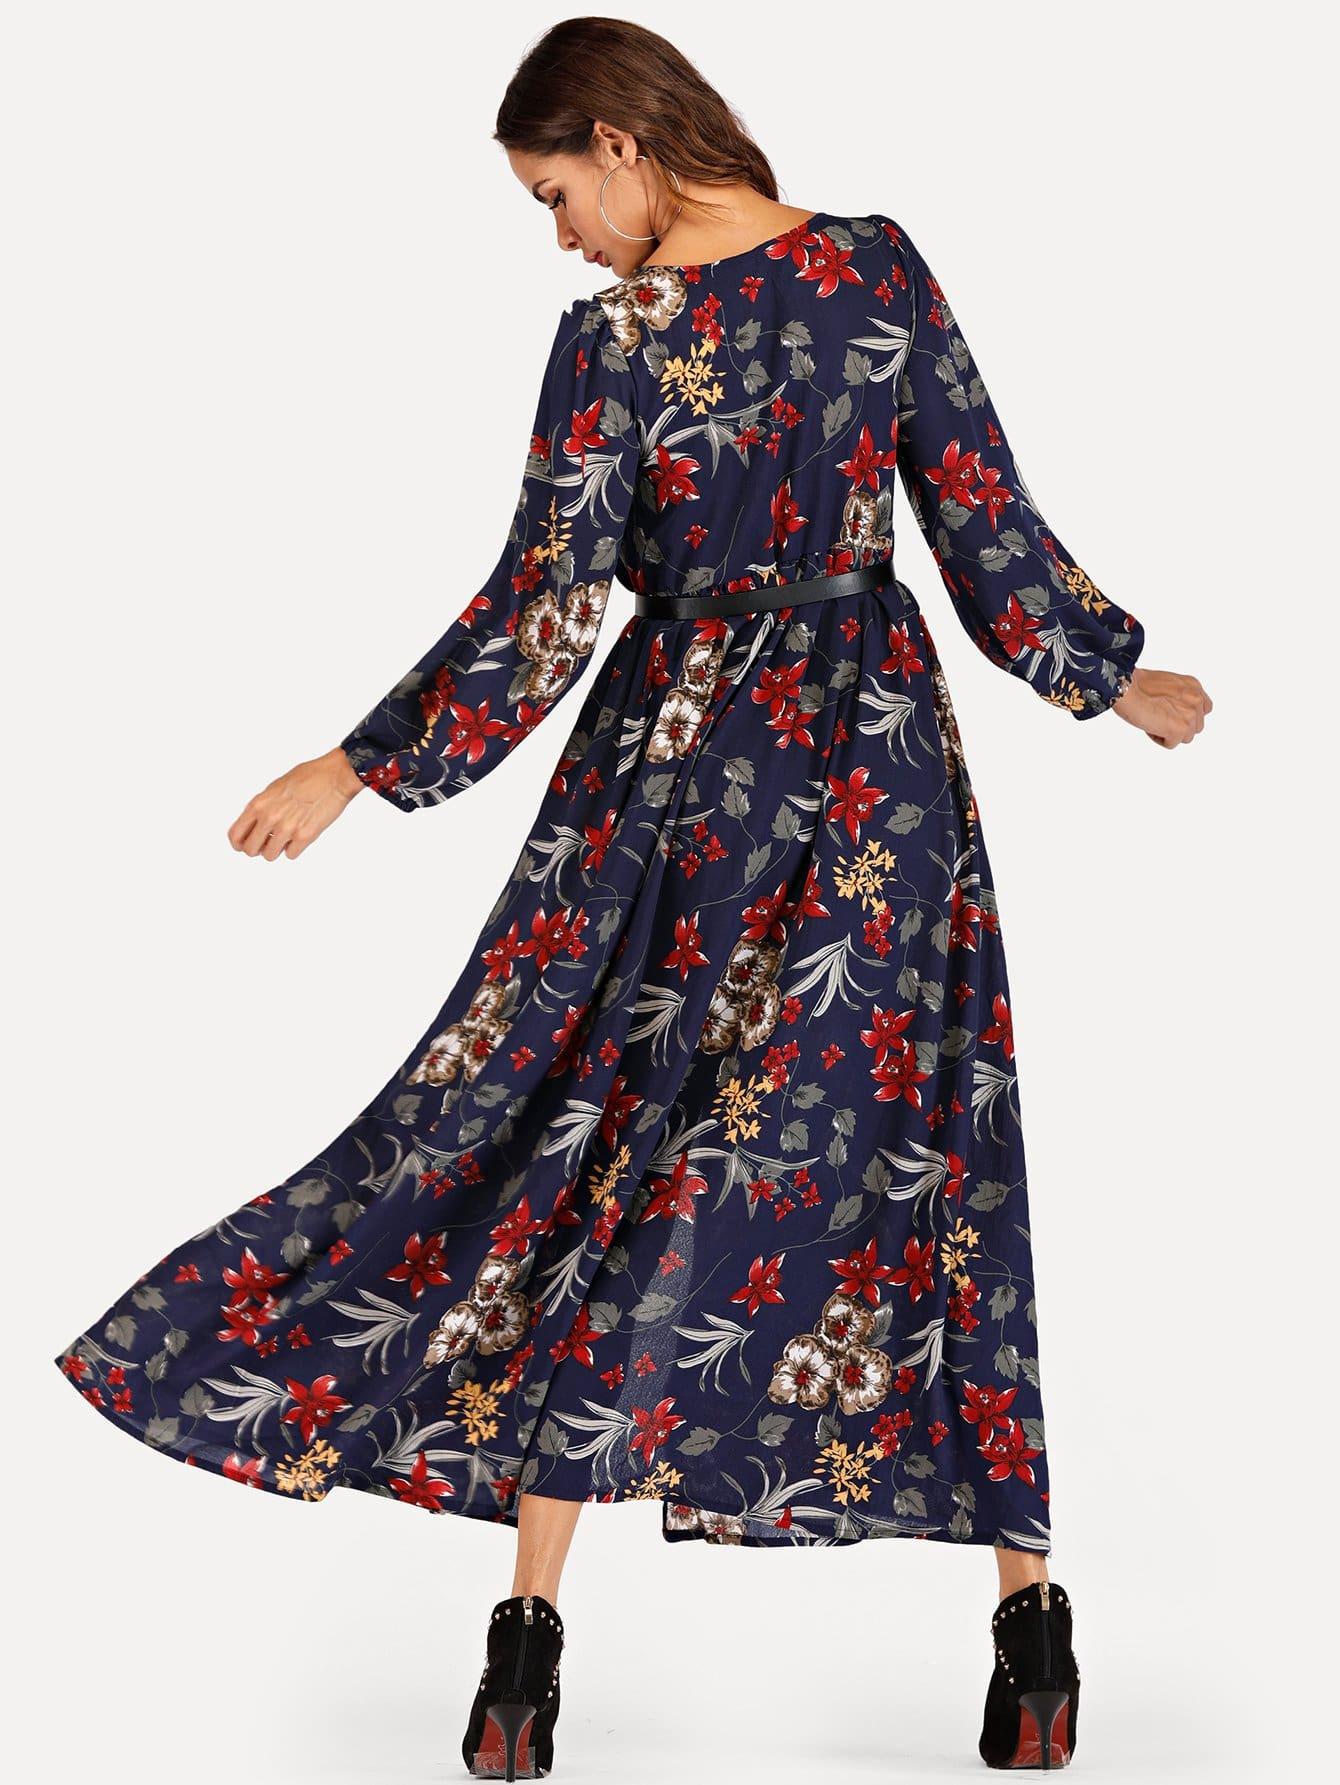 Kleid Mit Blumenmuster Und Einreihig  Shein